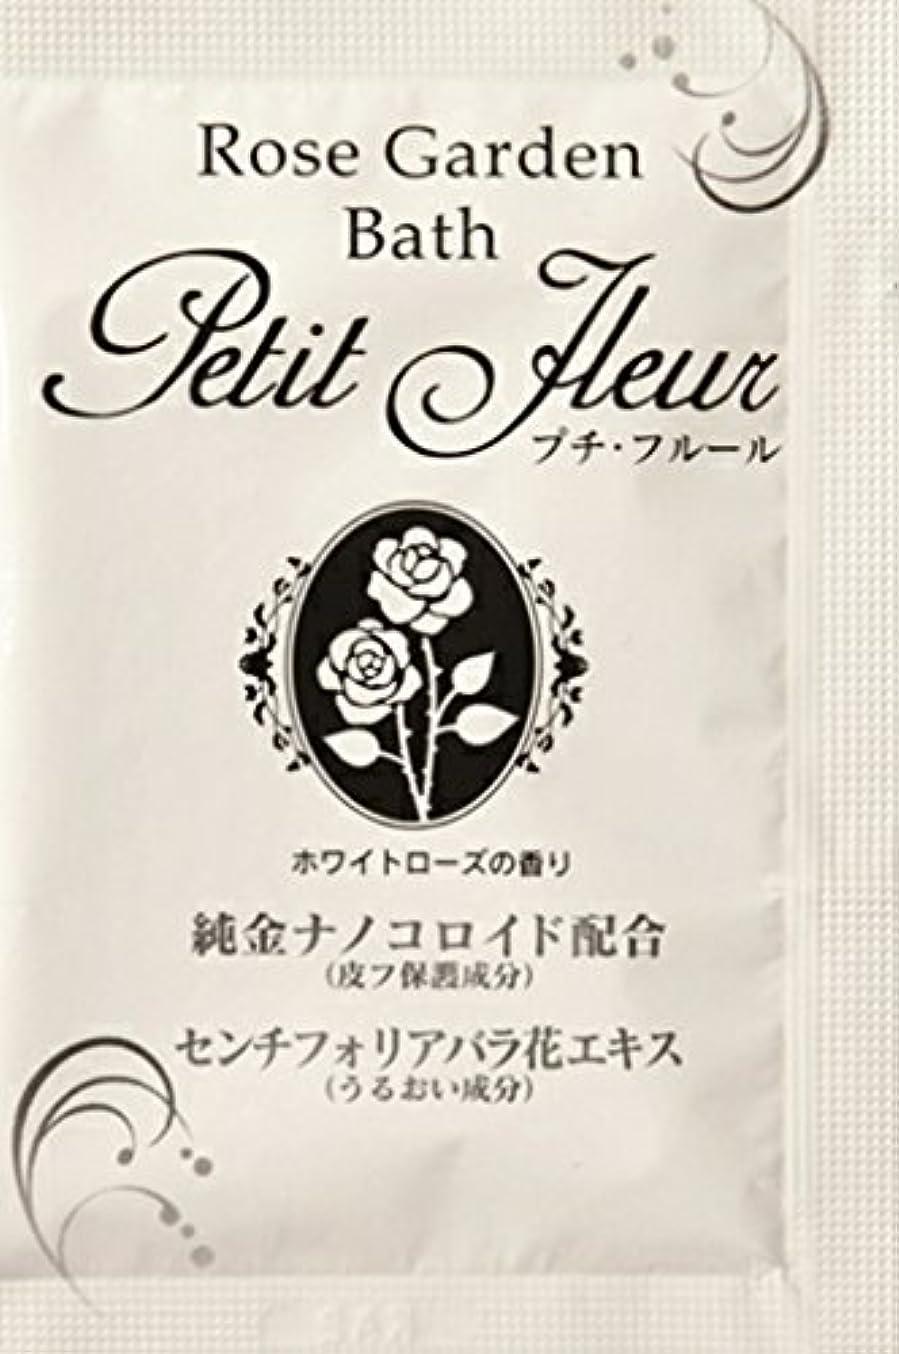 フェッチ奨学金マルクス主義者入浴剤 プチフル-ル(ホワイトロ-ズの香り)20g